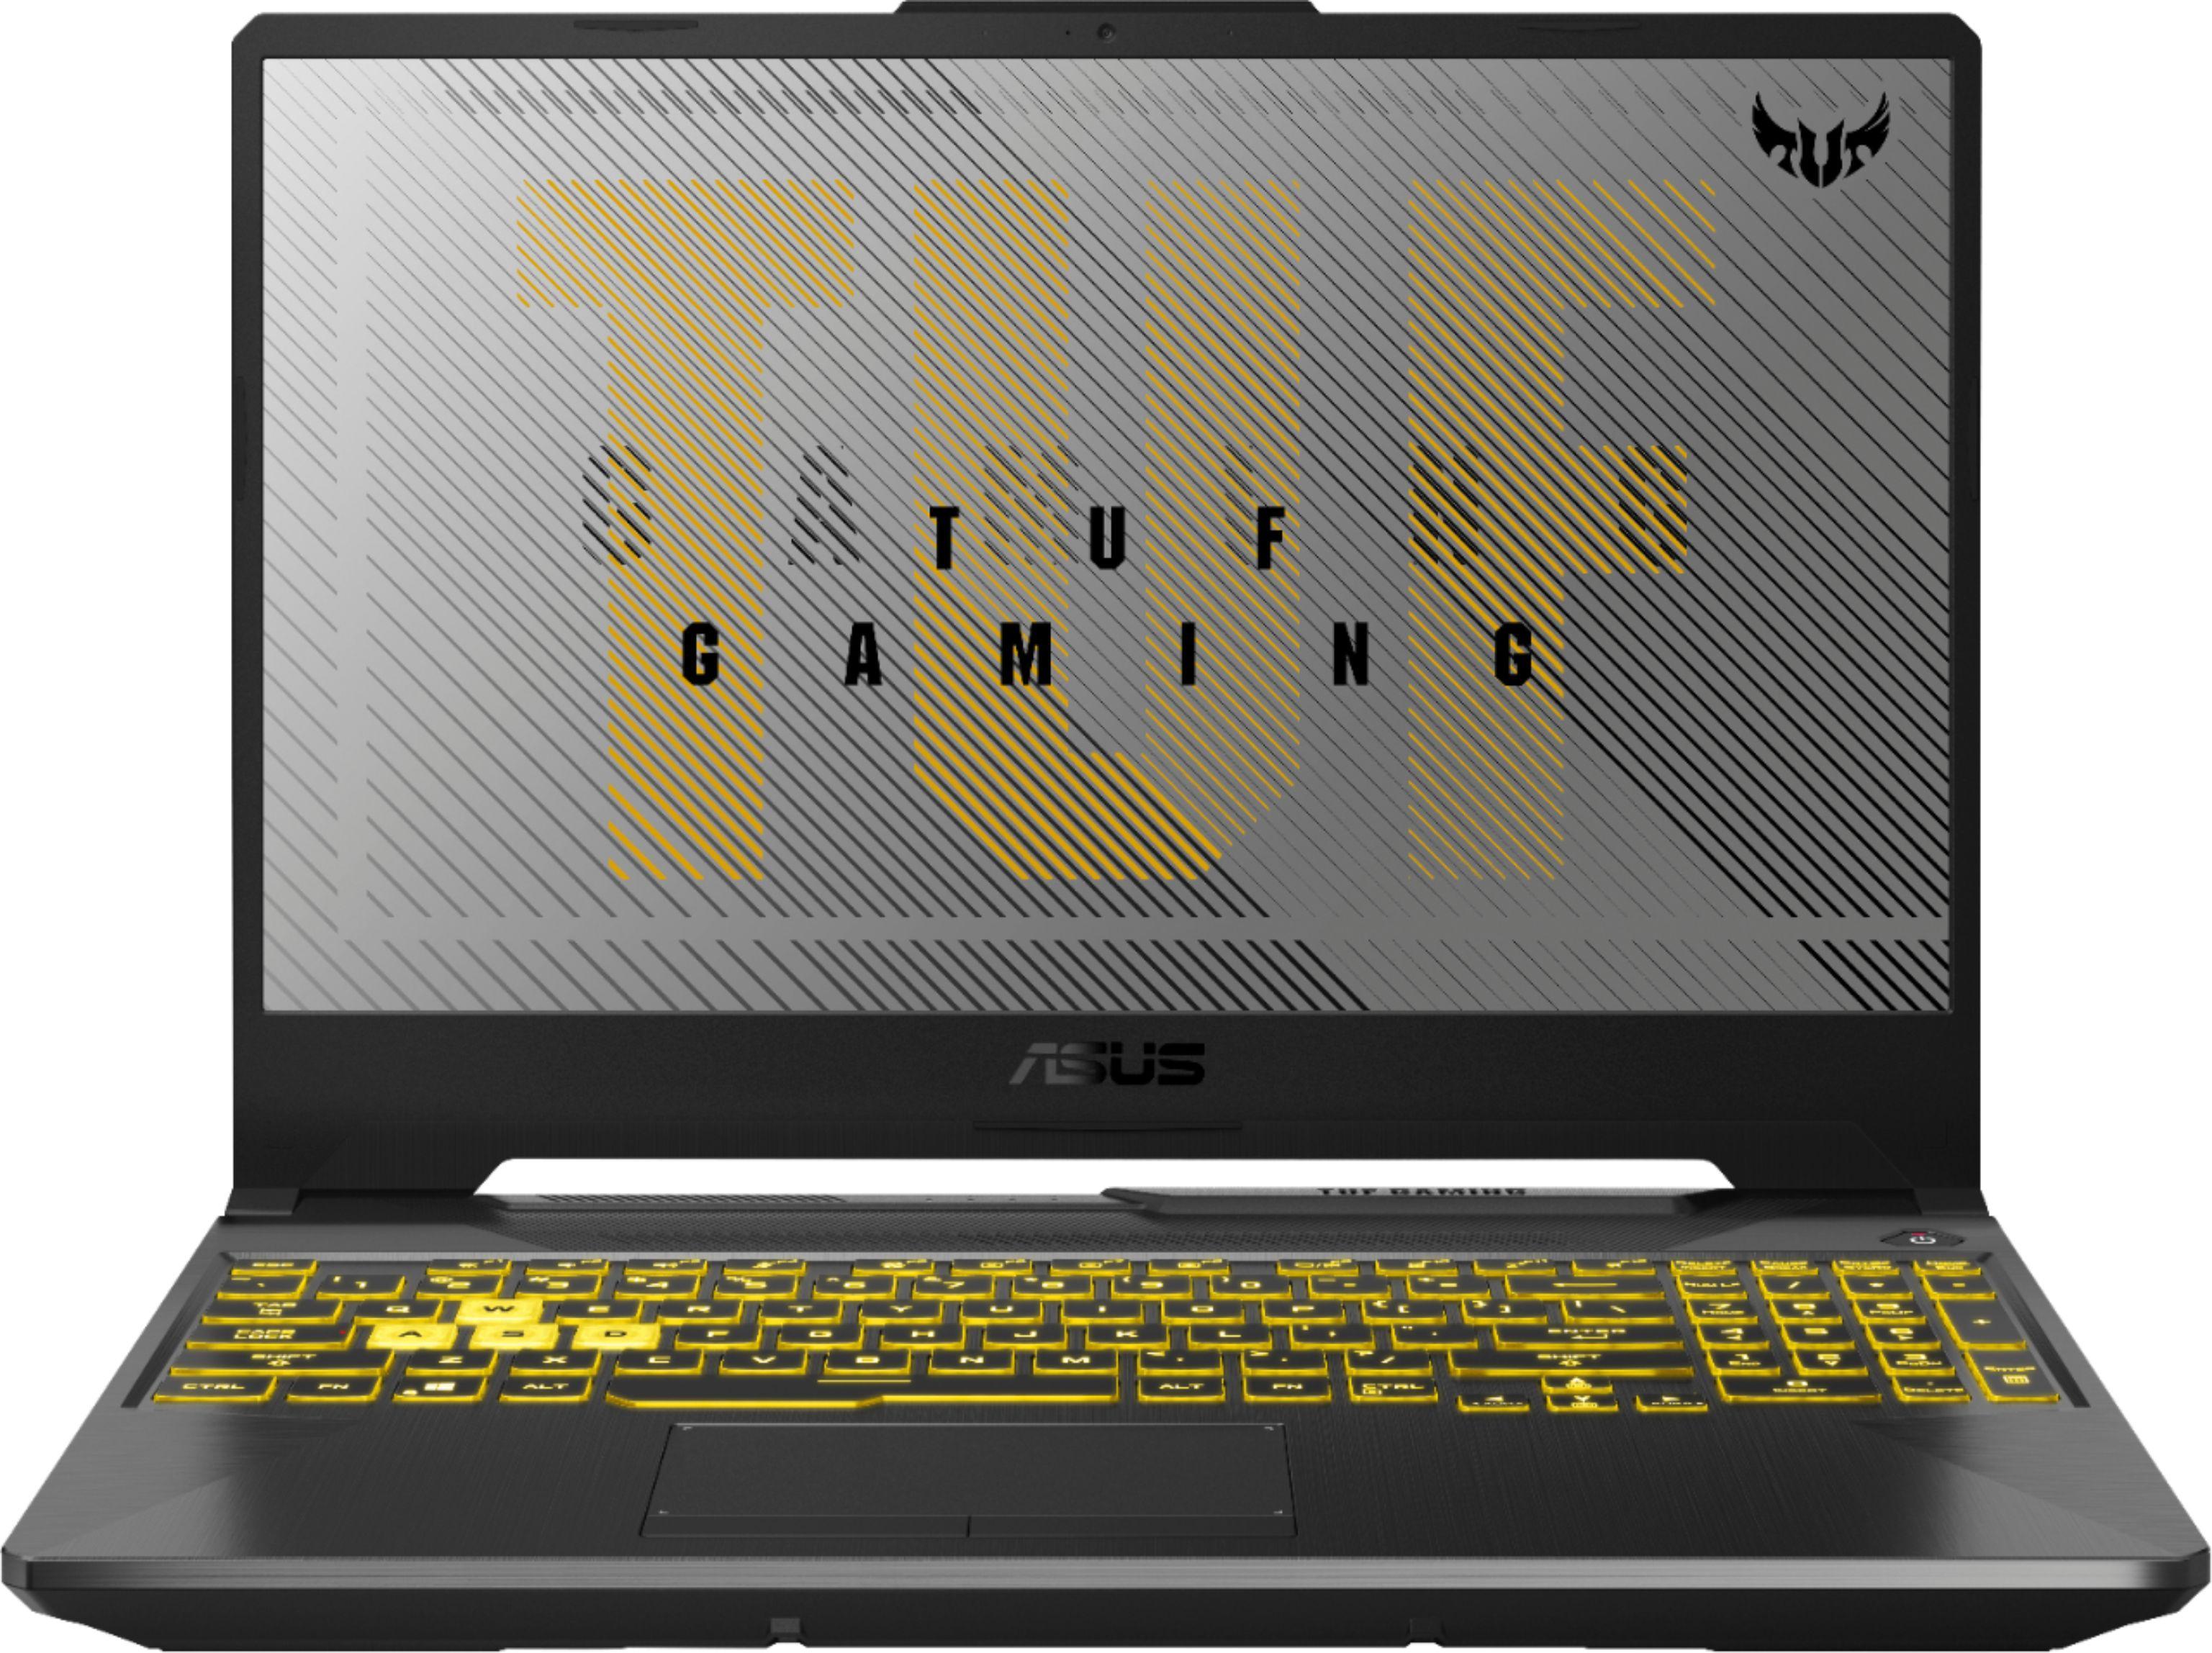 """ASUS TUF Gaming A15 Gaming Laptop, 15.6"""" Ryzen 7 4800H RTX 2060 512GB SSD 8GB Ram $899.99"""